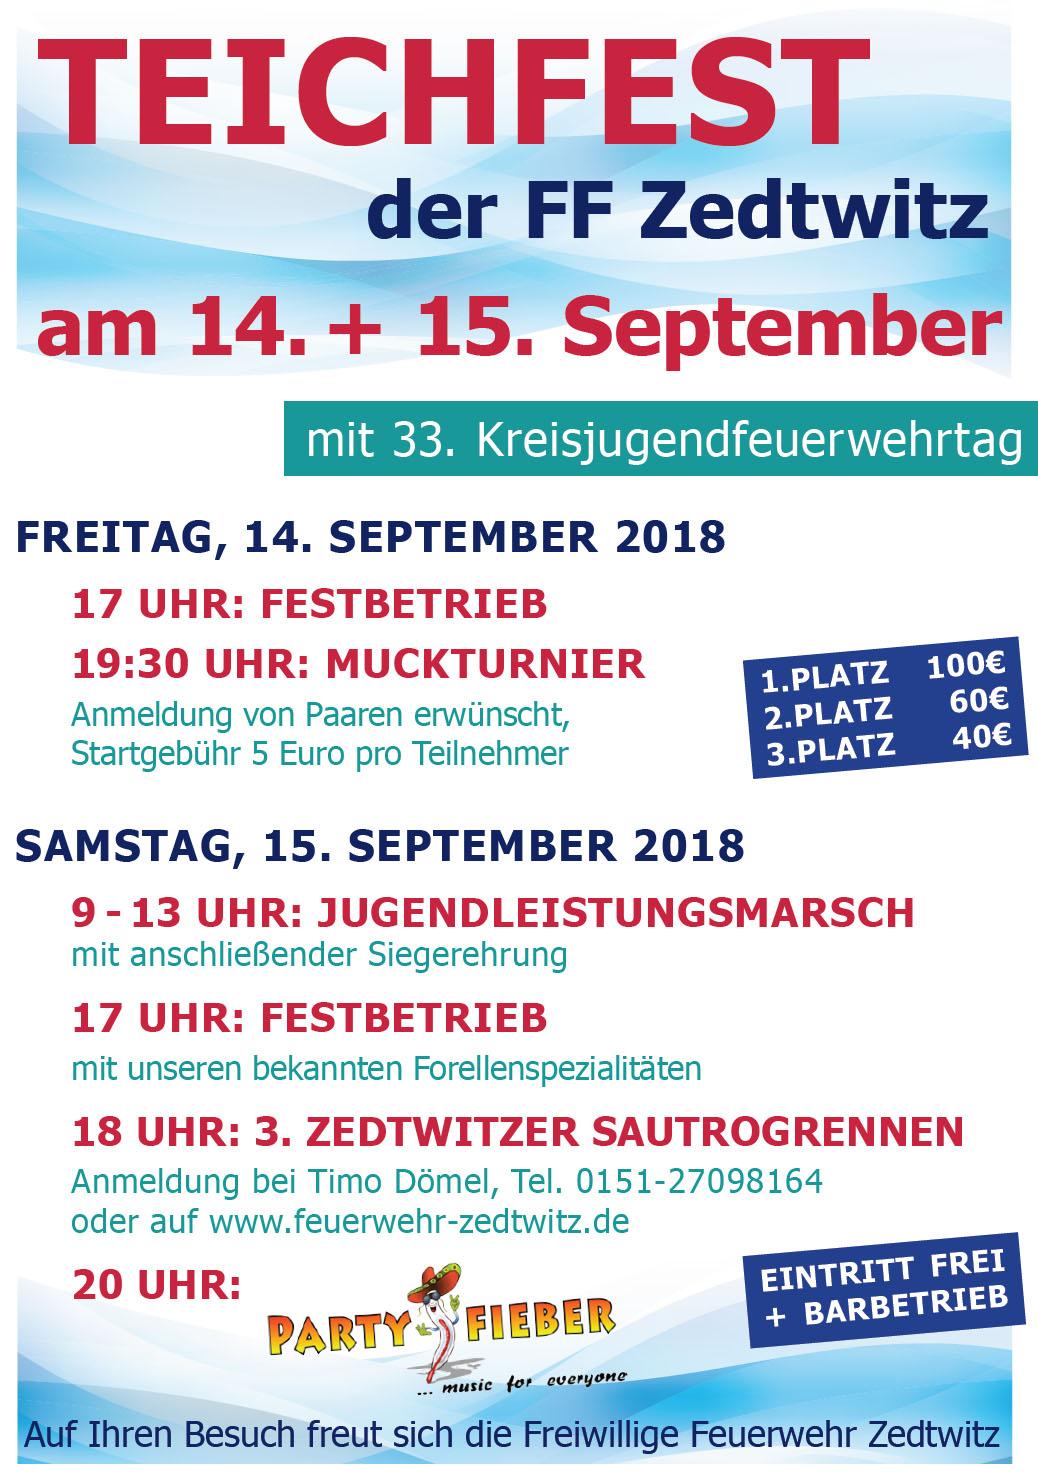 Teichfest 2018